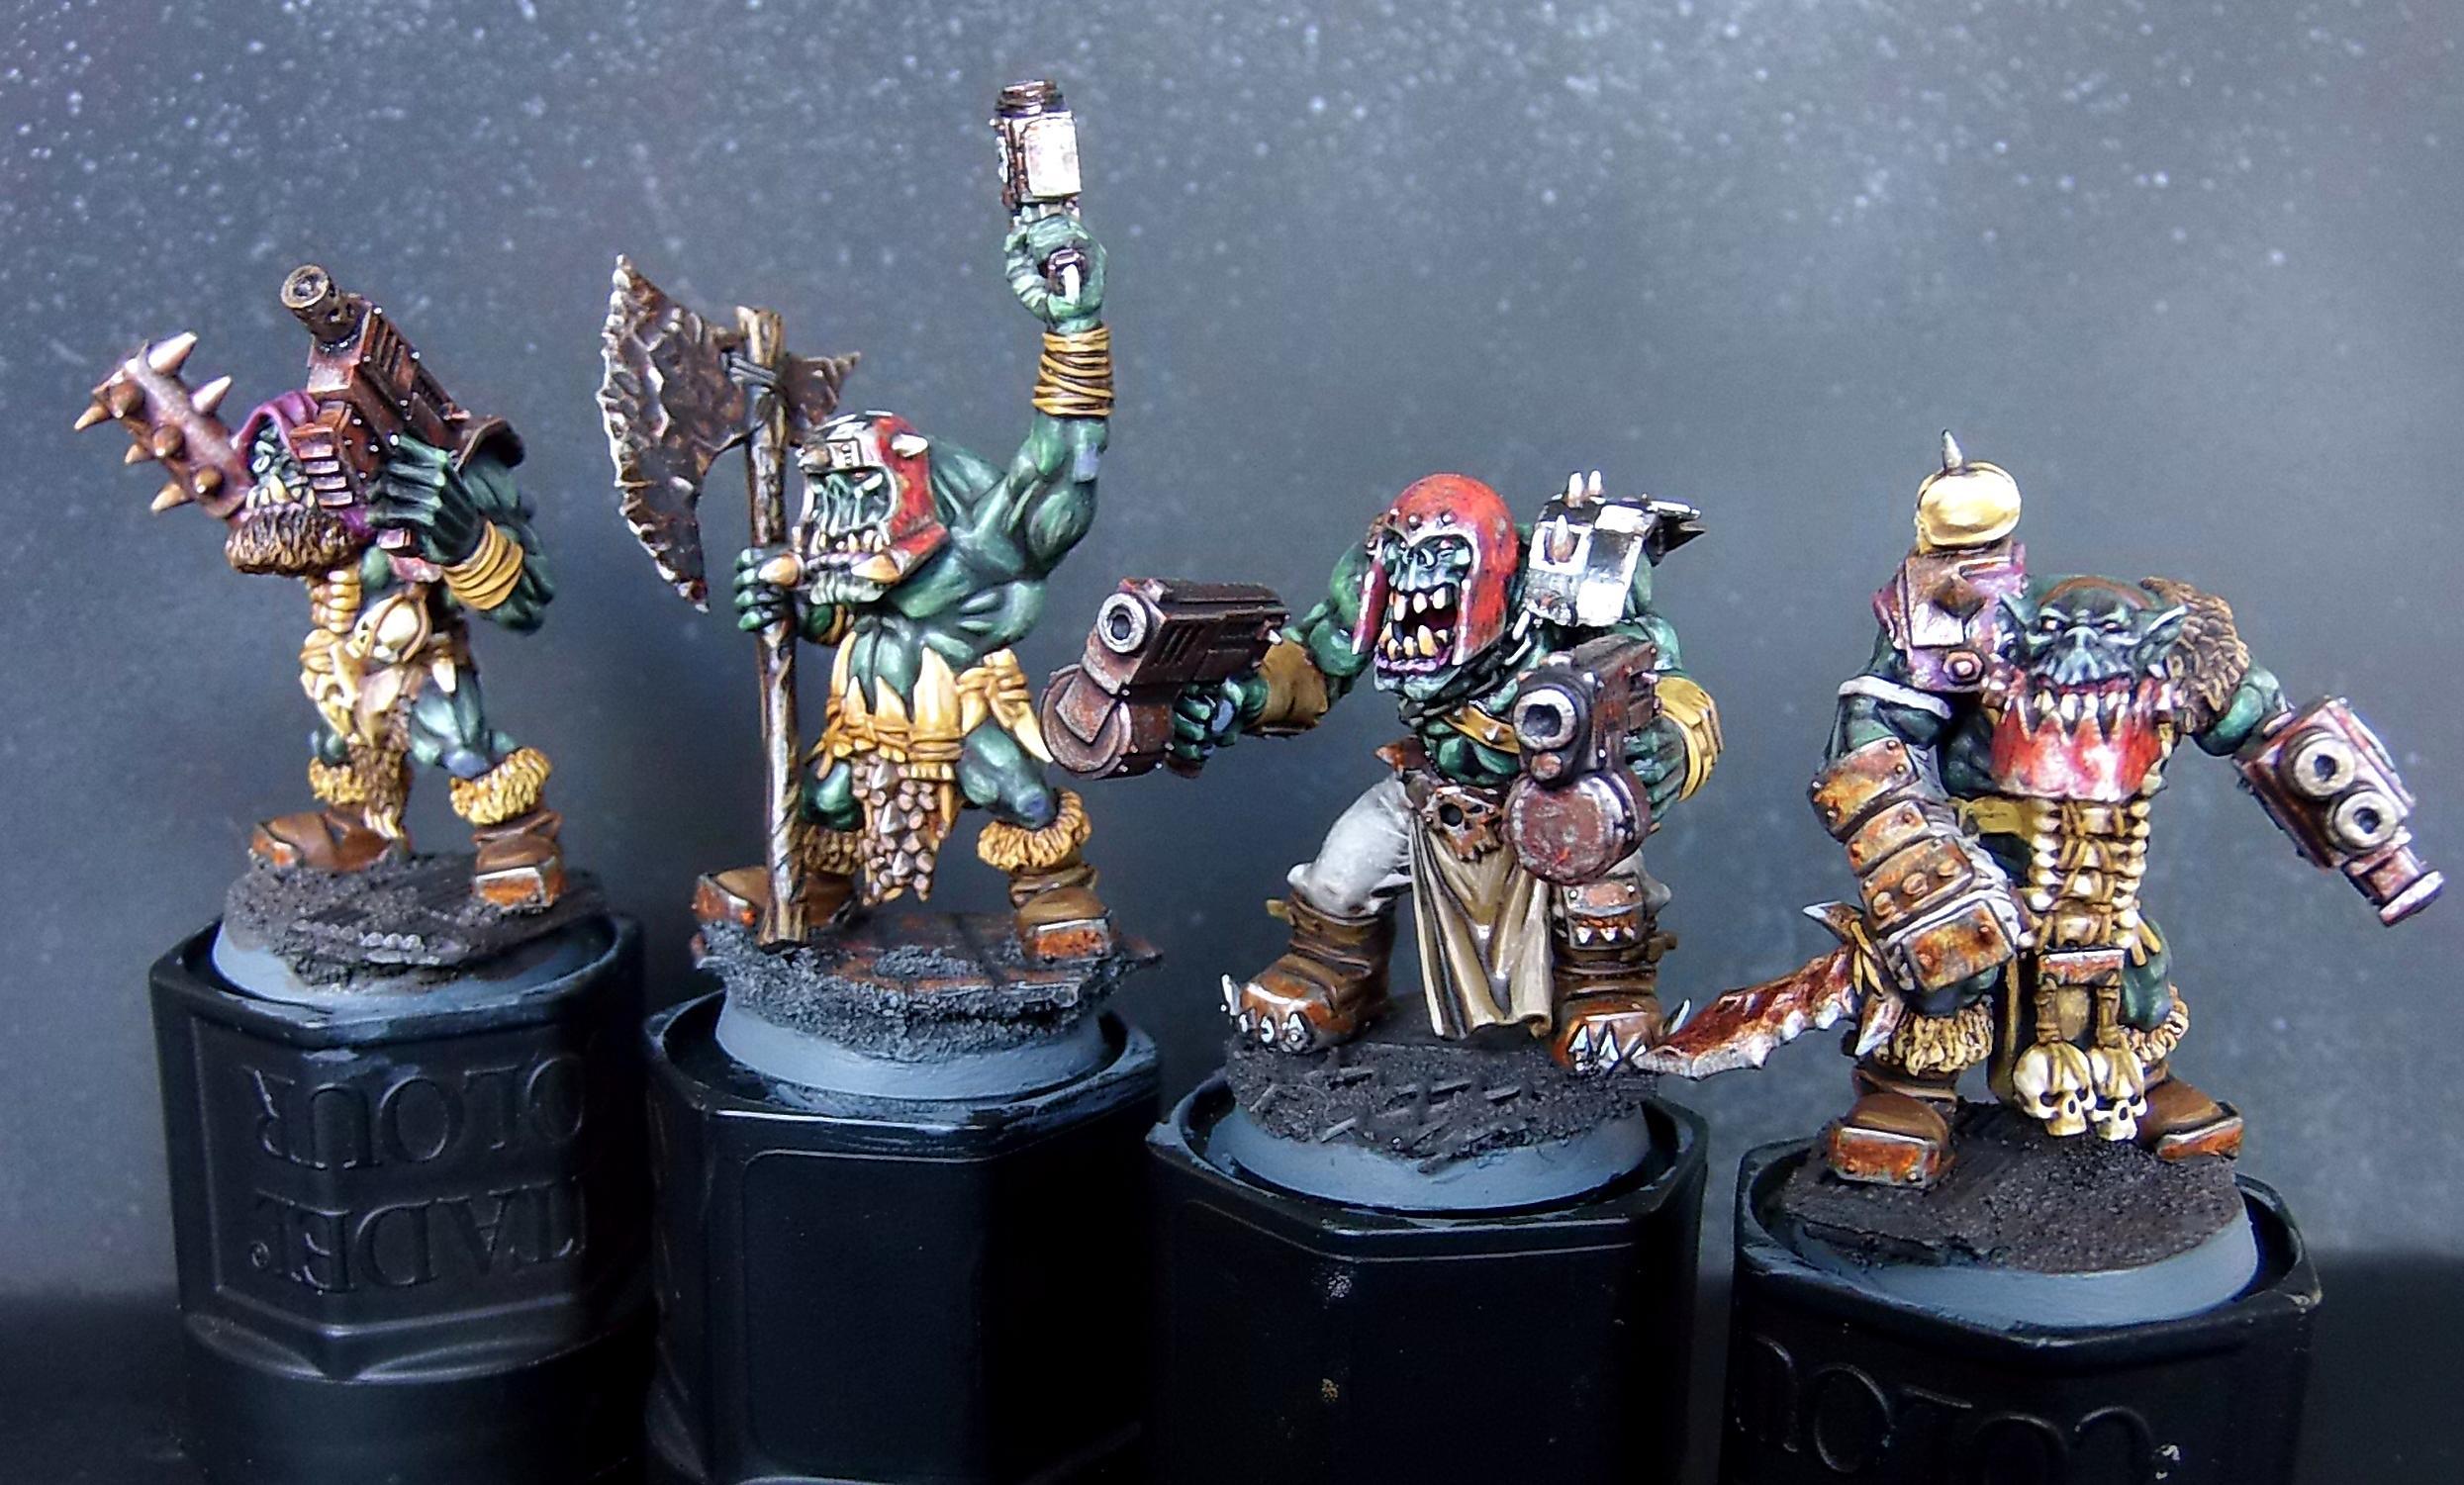 Gorkamorka, Orks, Savage Orc, Snakebites